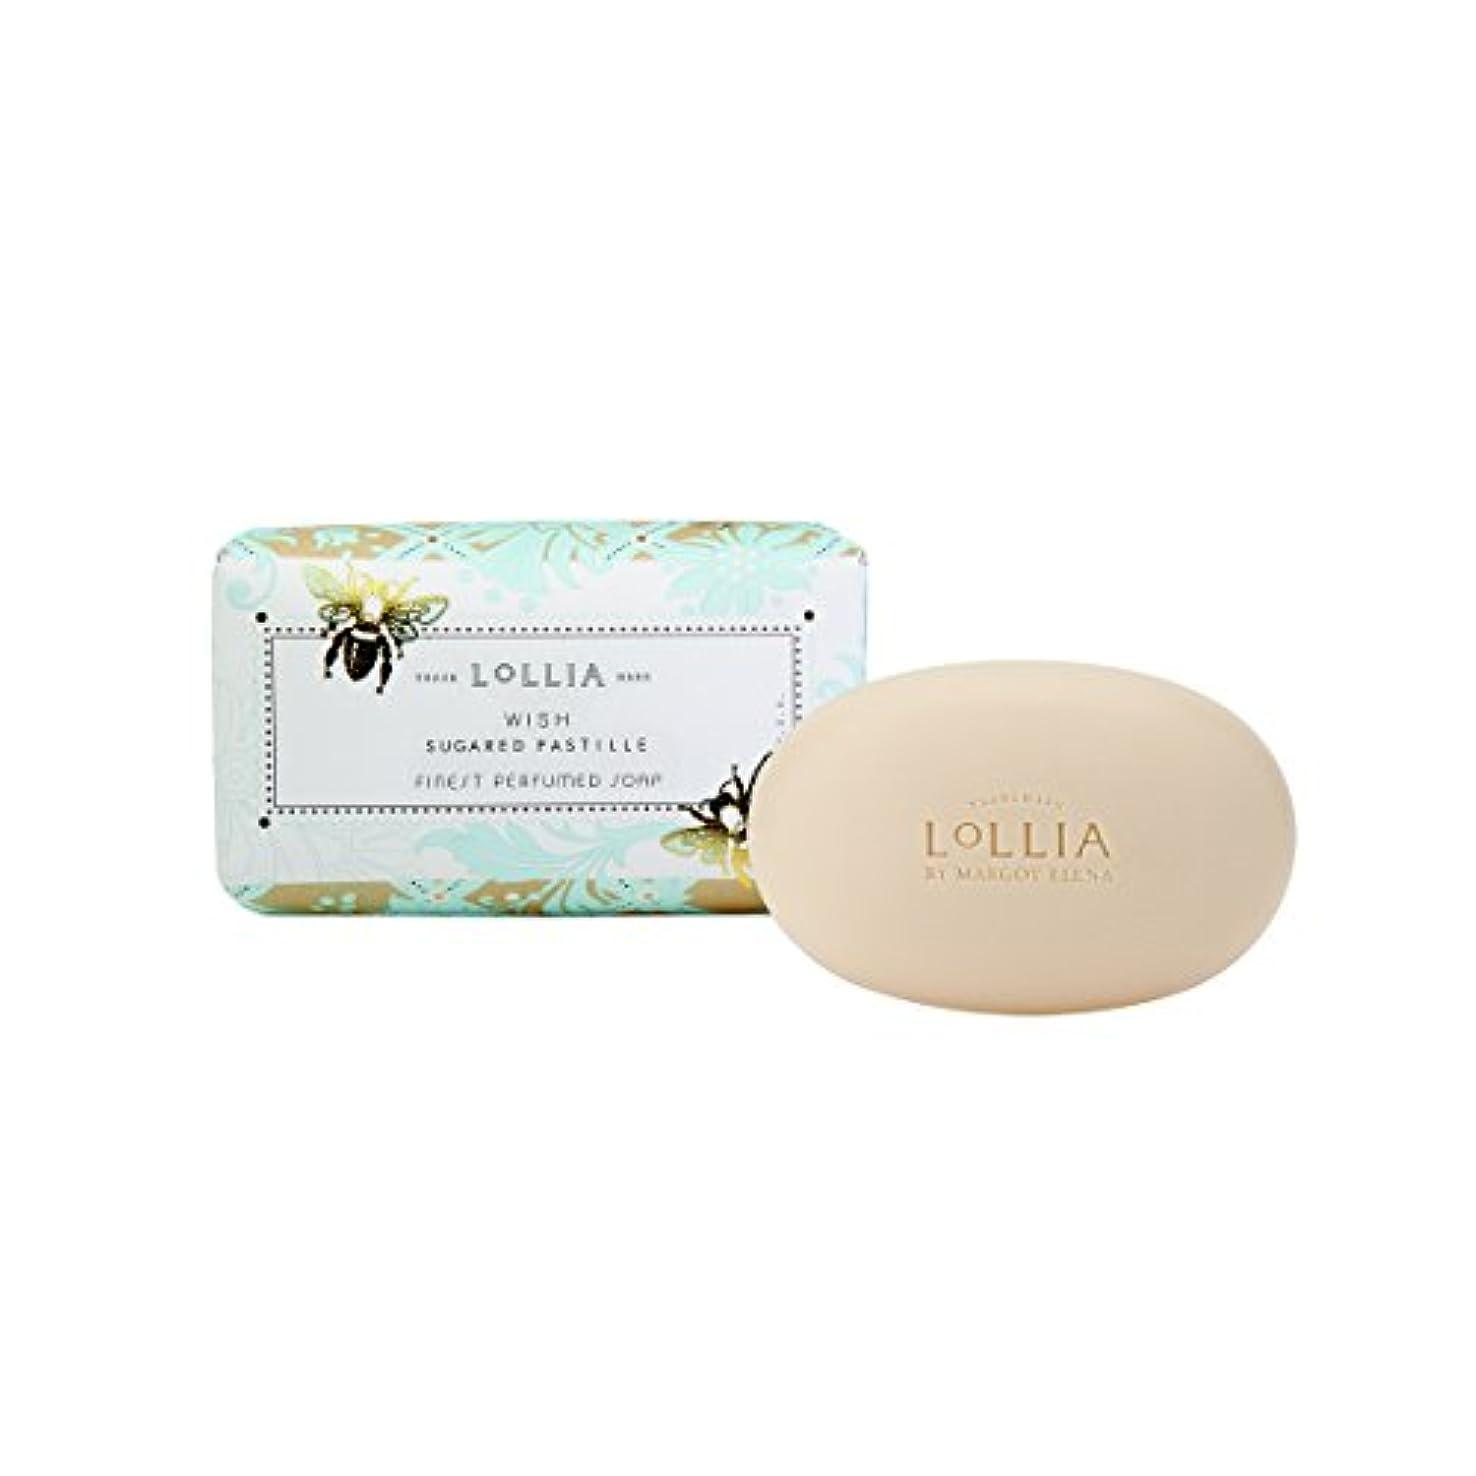 面積層つなぐロリア(LoLLIA) フレグランスソープ140g Wish(化粧石けん 全身用洗浄料 ジャスミン、イランイラン、アンバー、ベルガモットの香り)